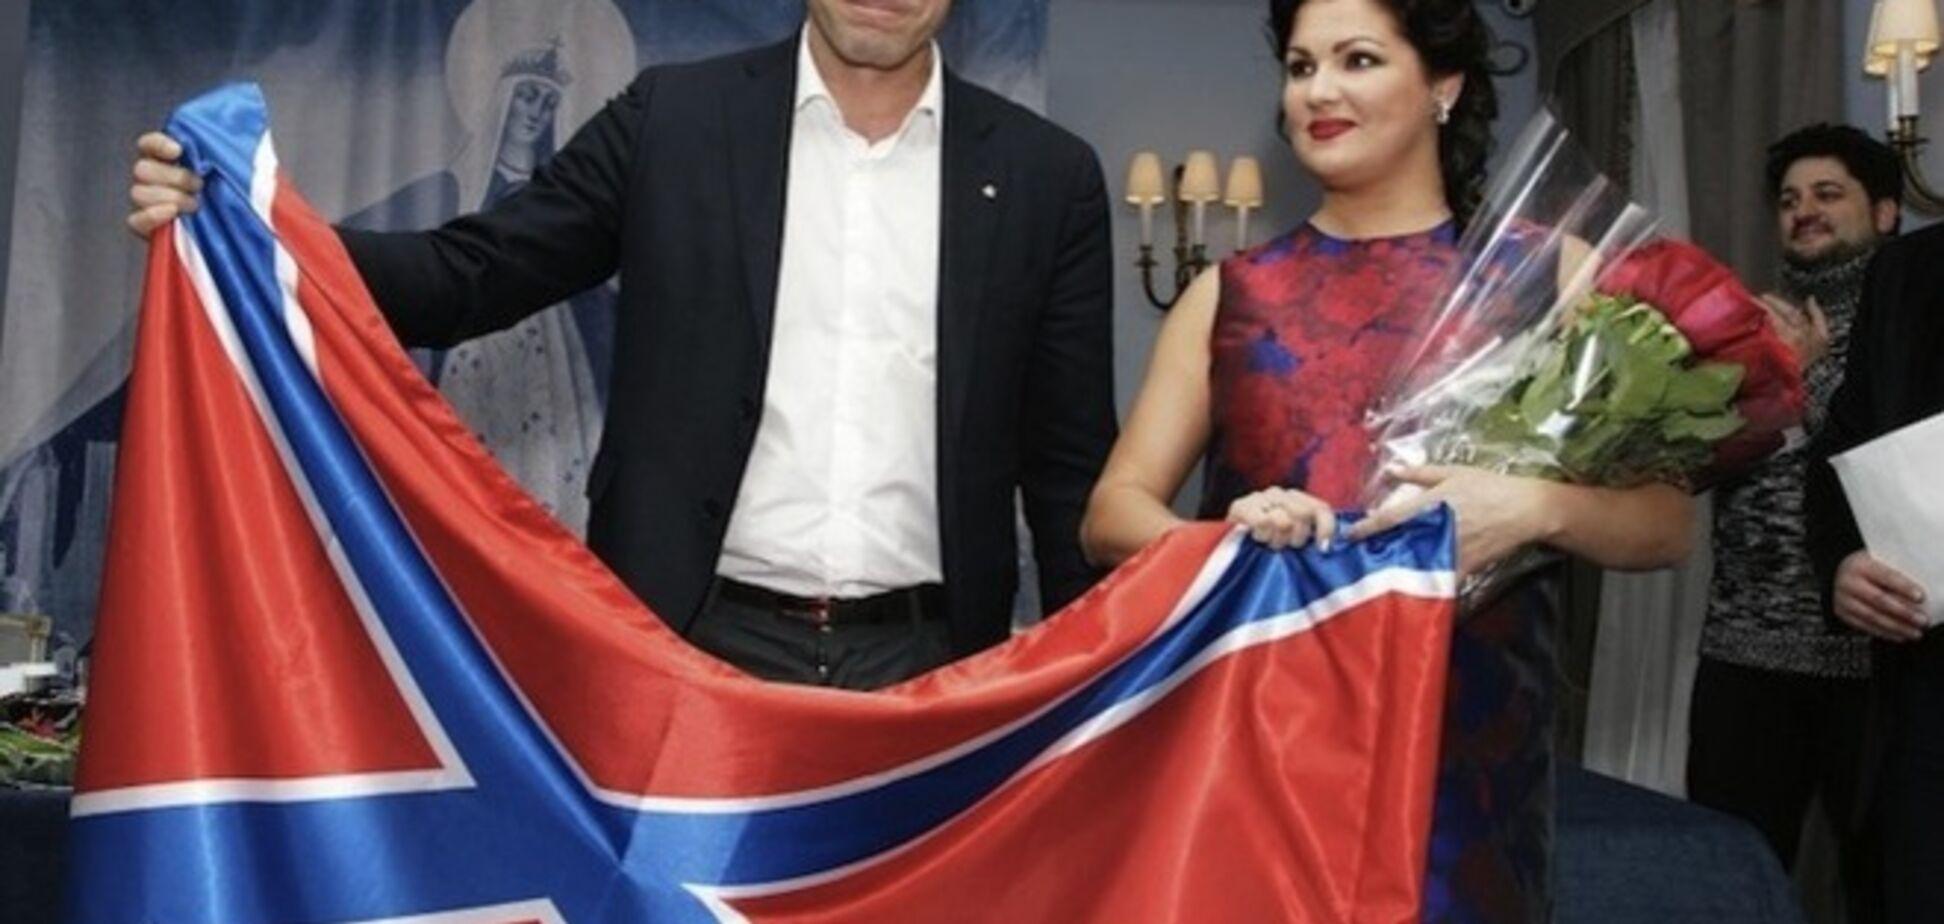 В России предрекли проблемы оперной диве Нетребко, связавшейся с 'недоумком' Царевым